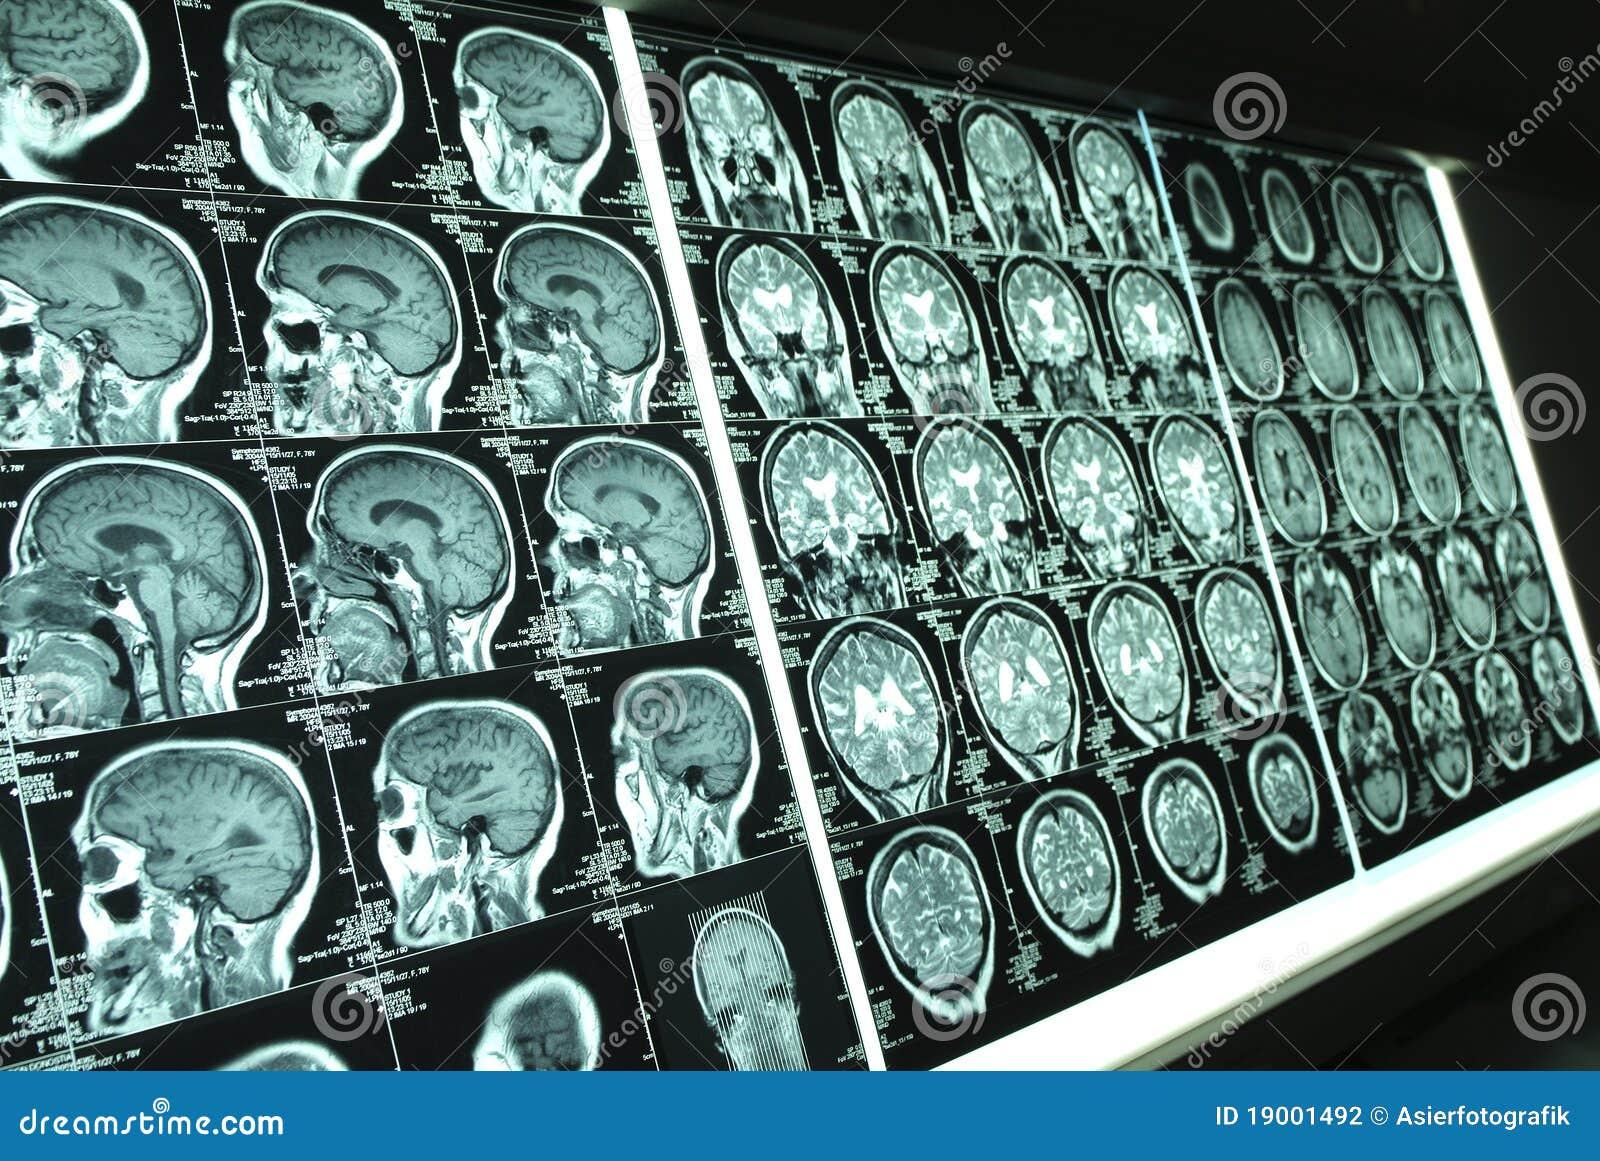 Mózg ray001 x